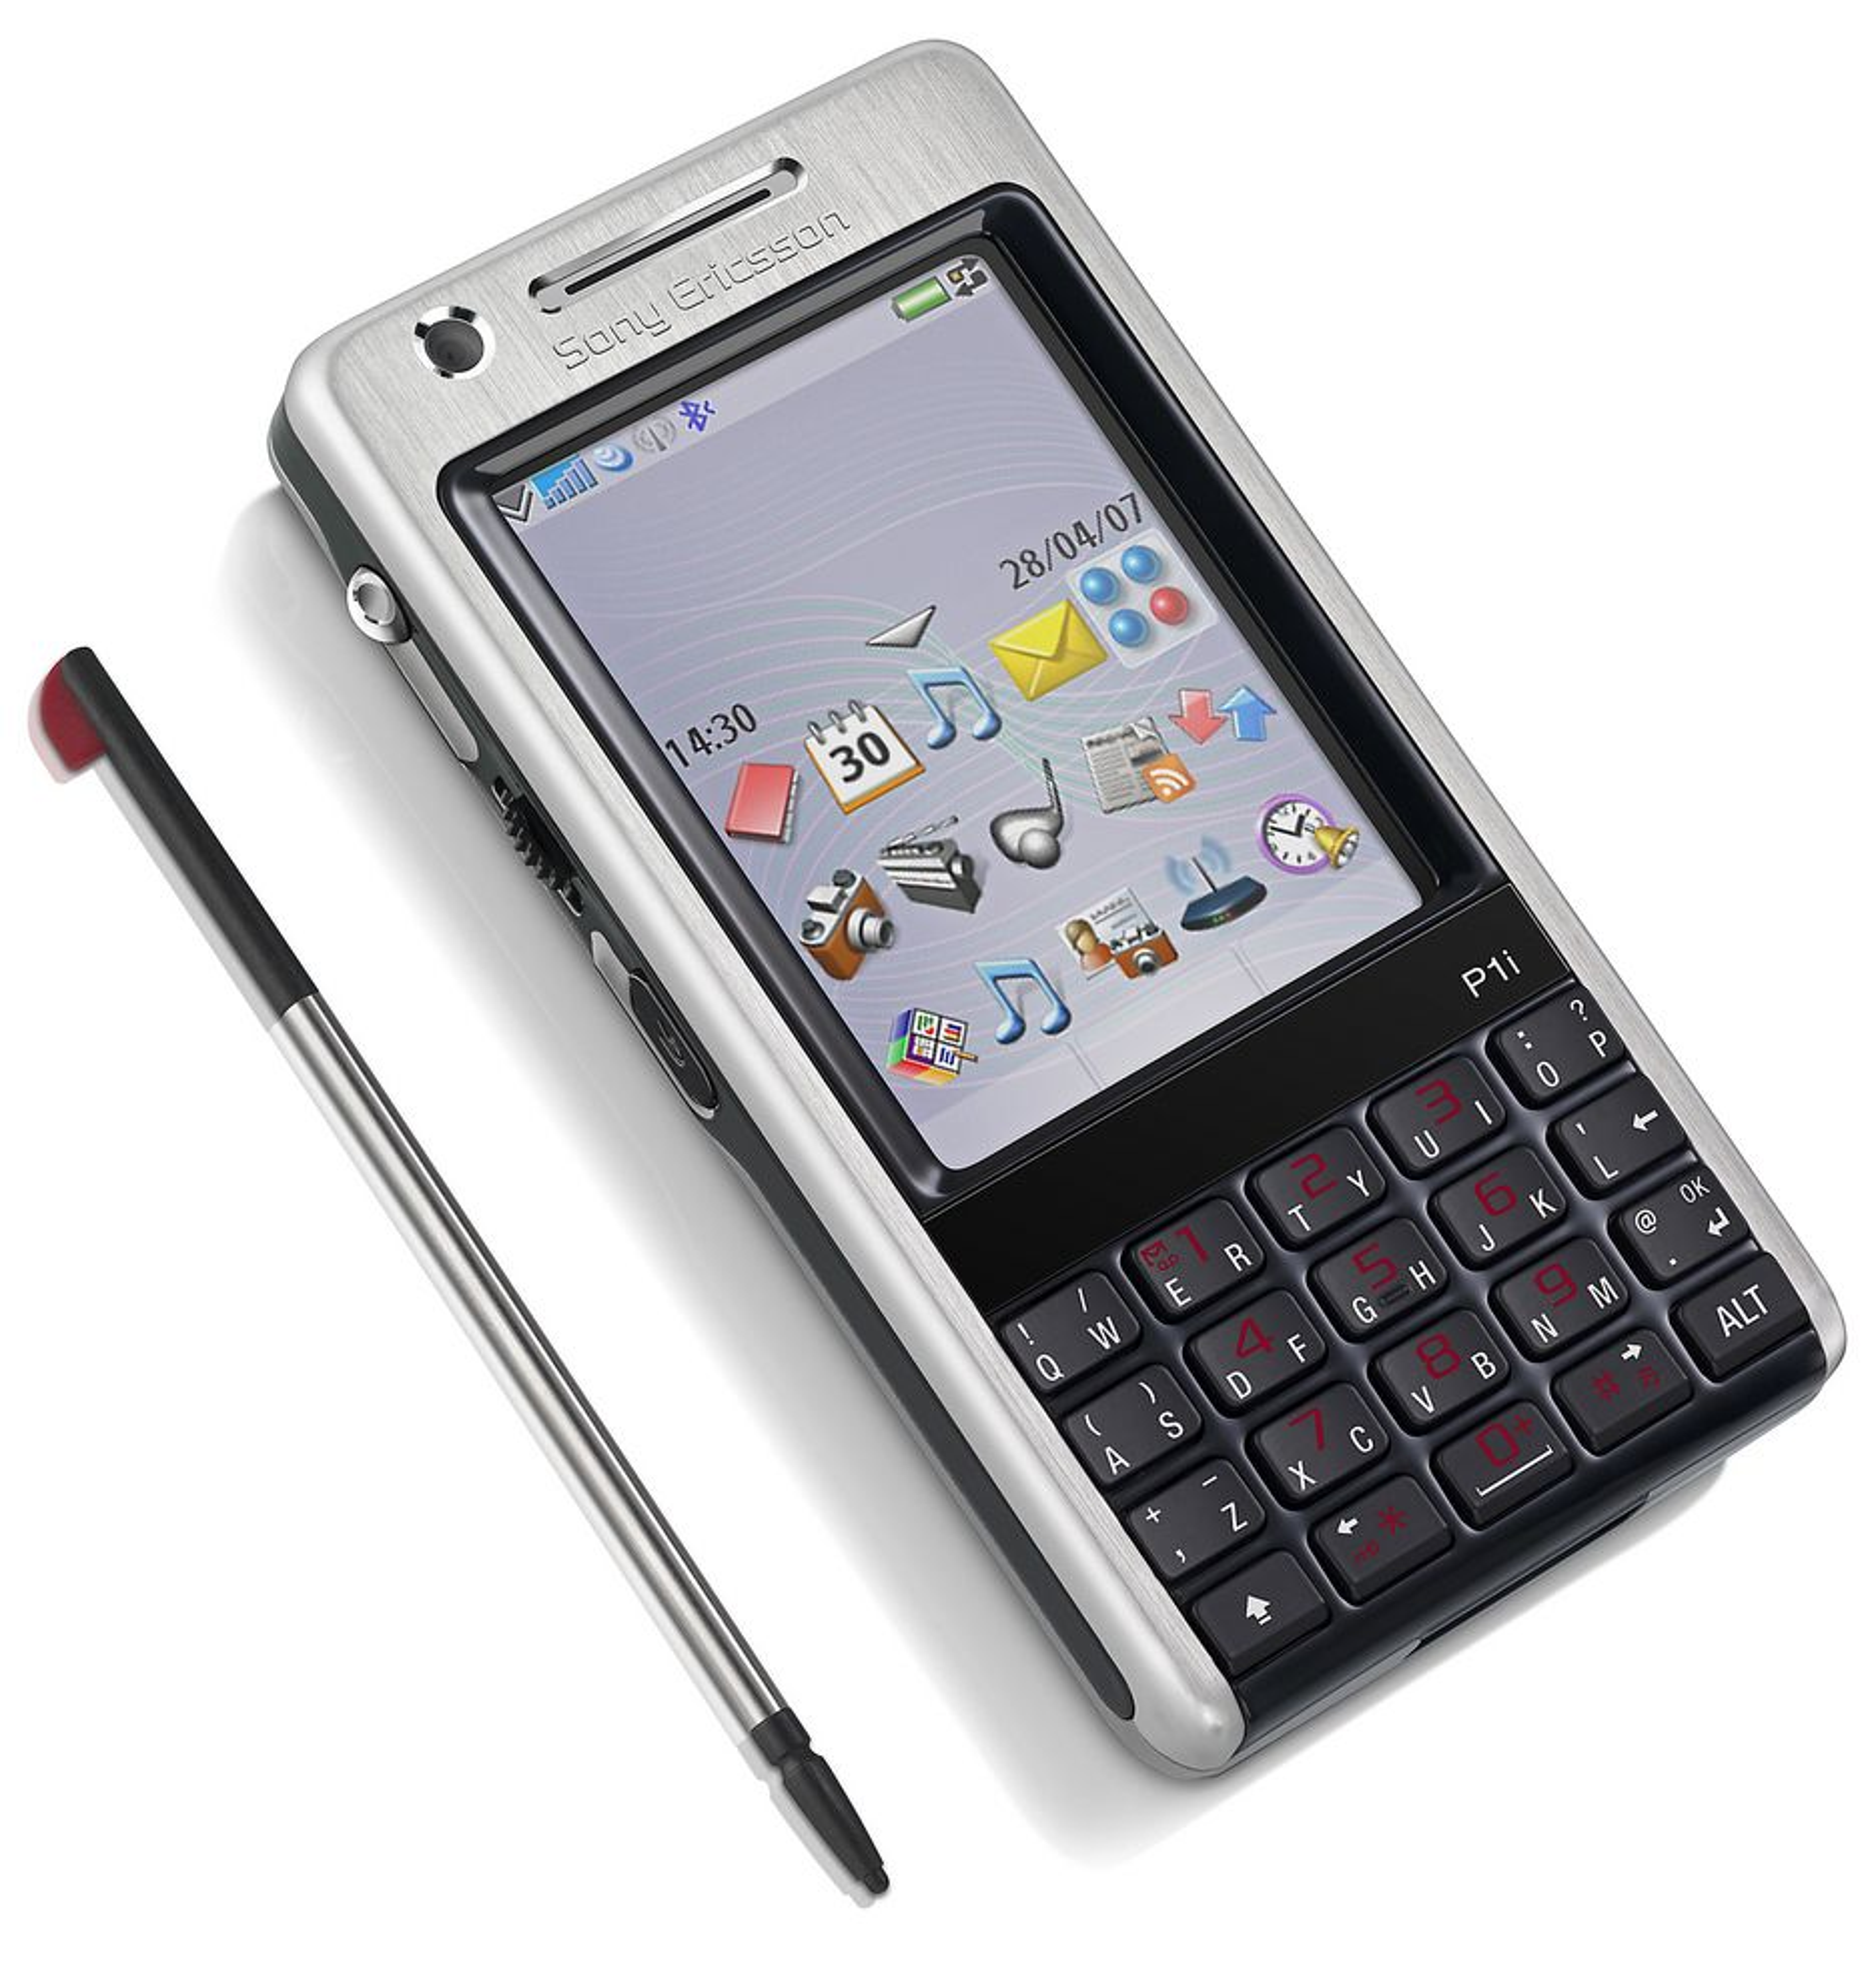 Sony Ericsson P990i.